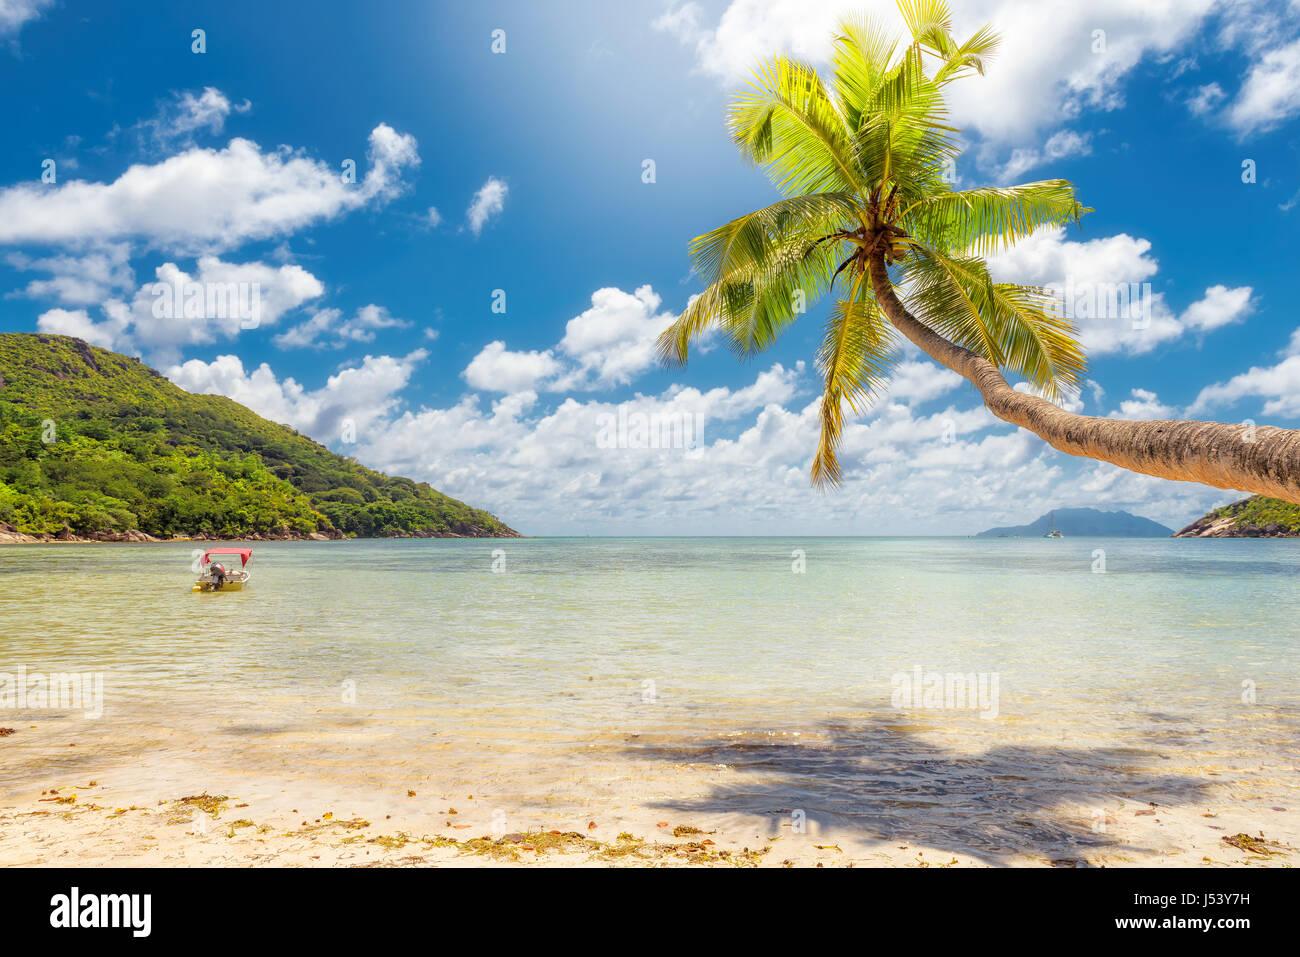 Las palmeras en la playa bajo el mar en día soleado Imagen De Stock